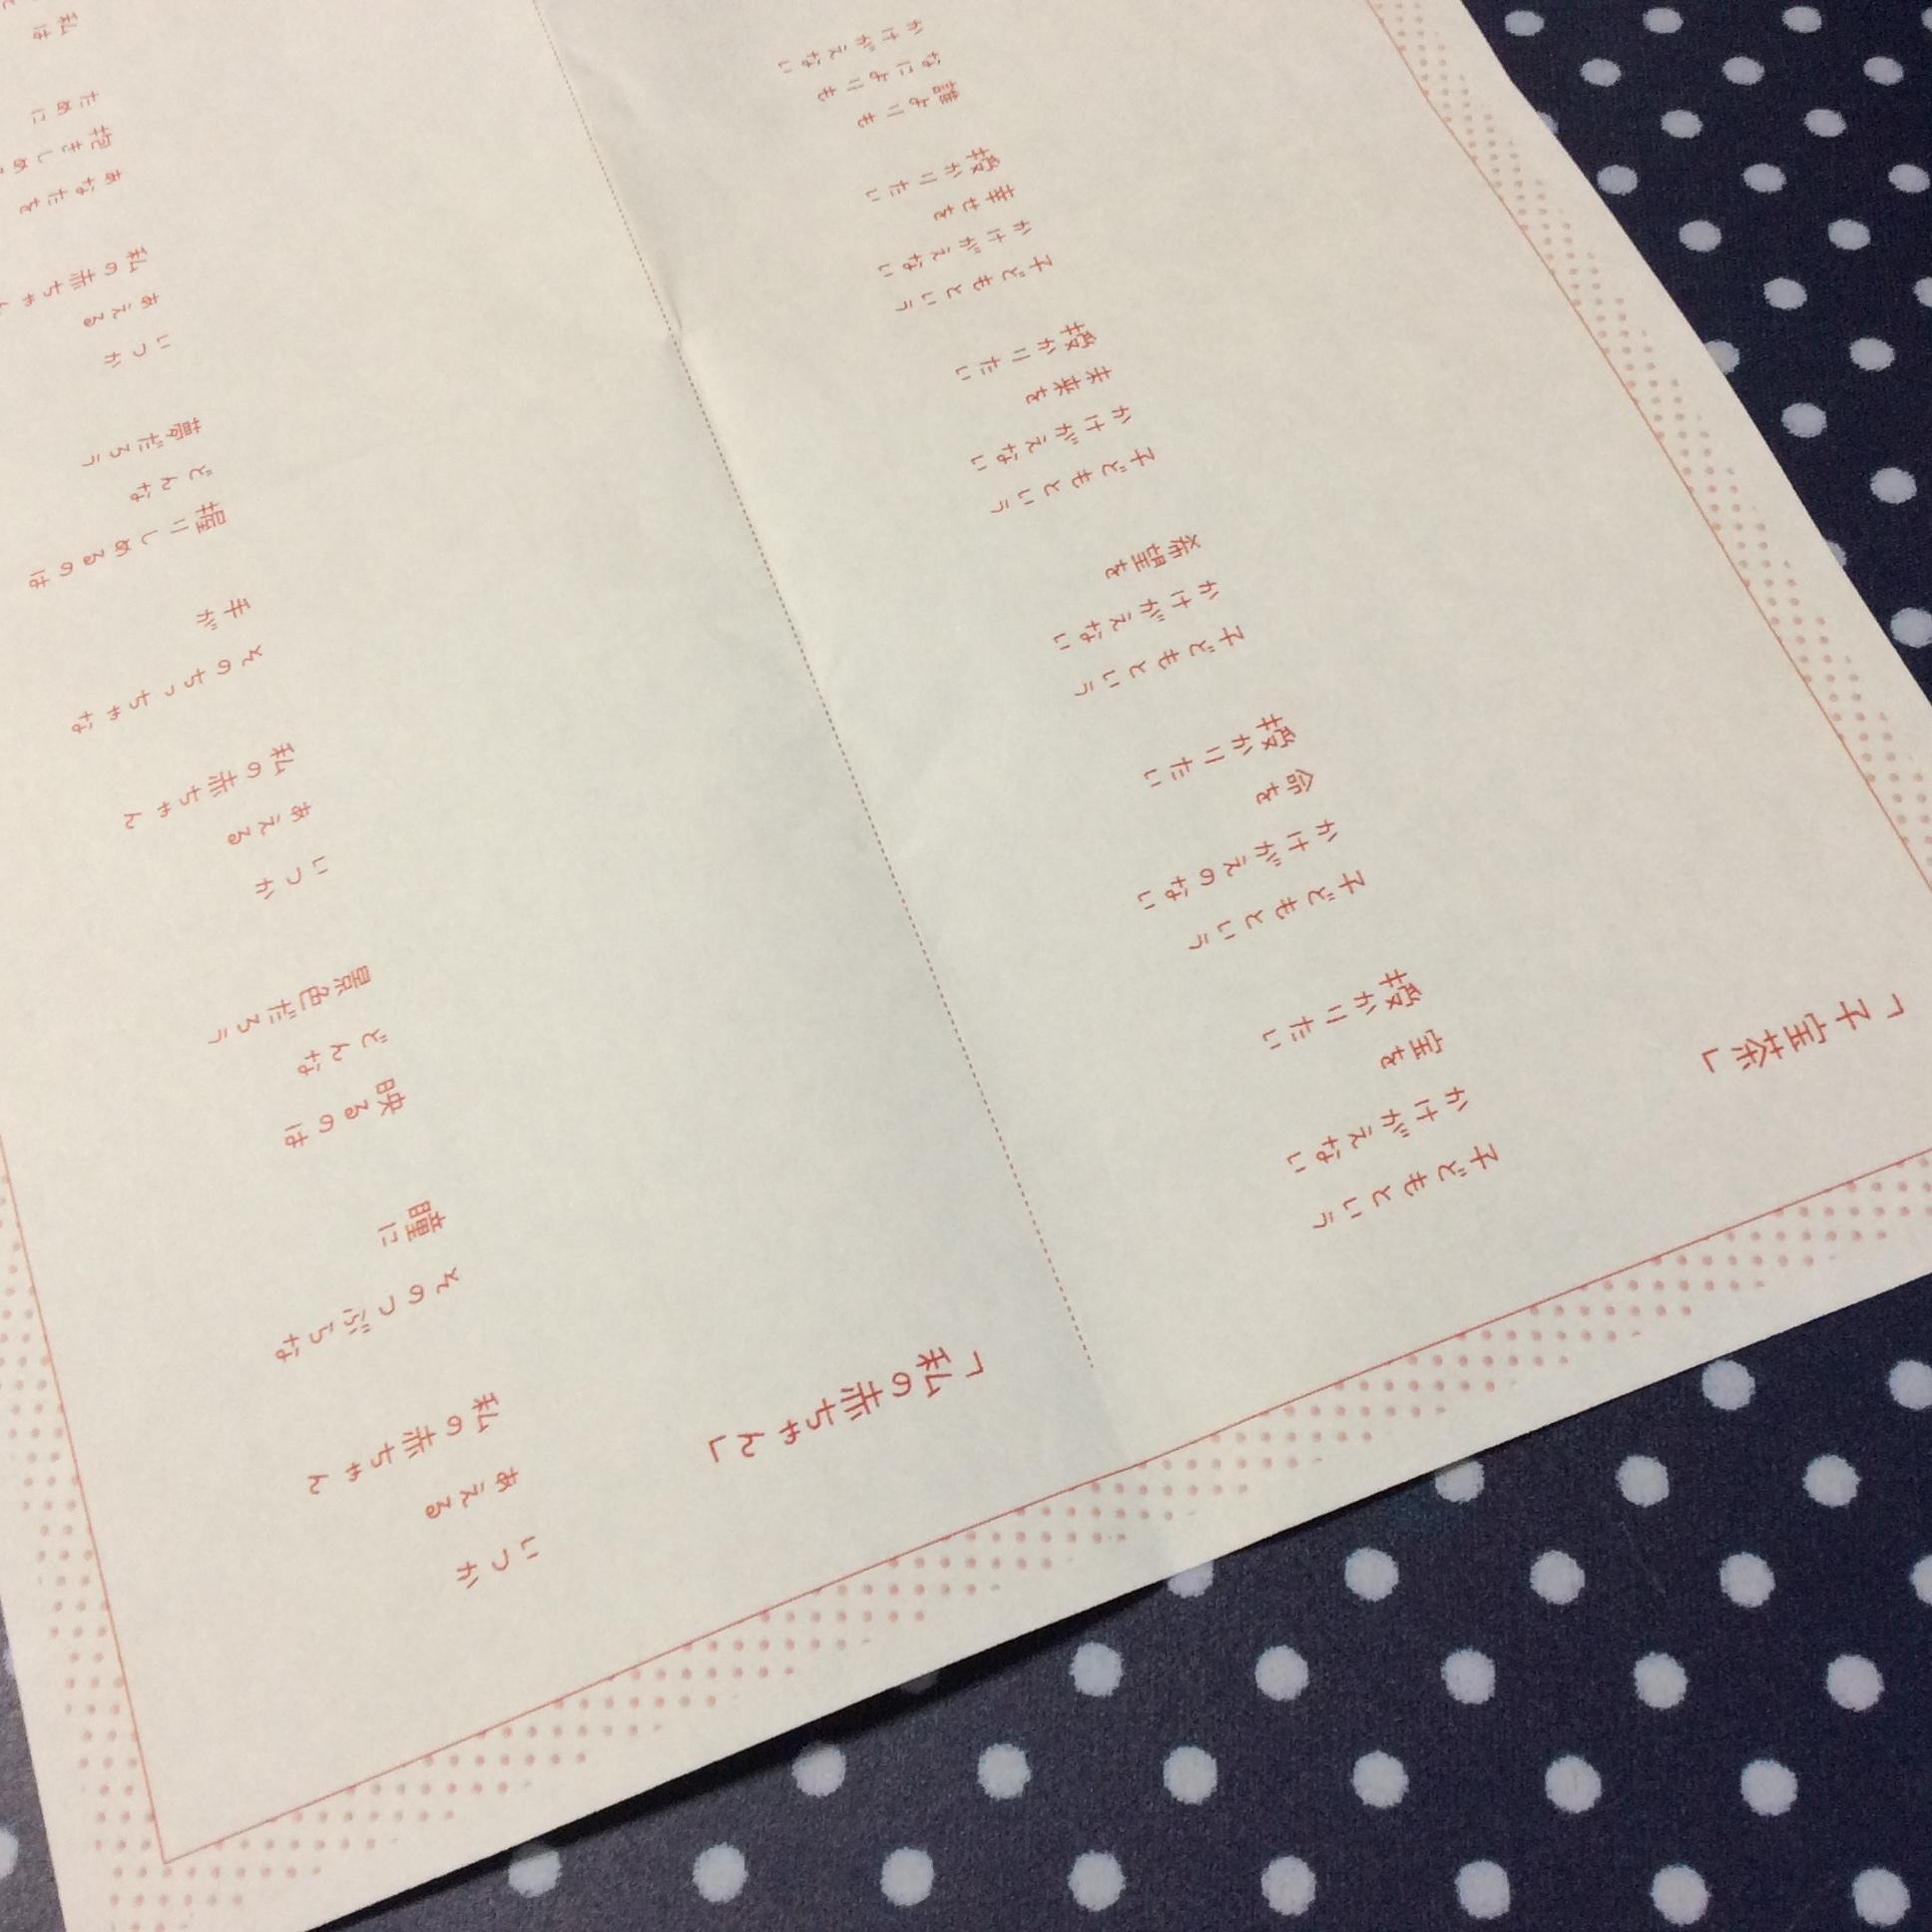 5ECD3323-7C0F-4FB9-A8FA-5093858512E4.jpeg